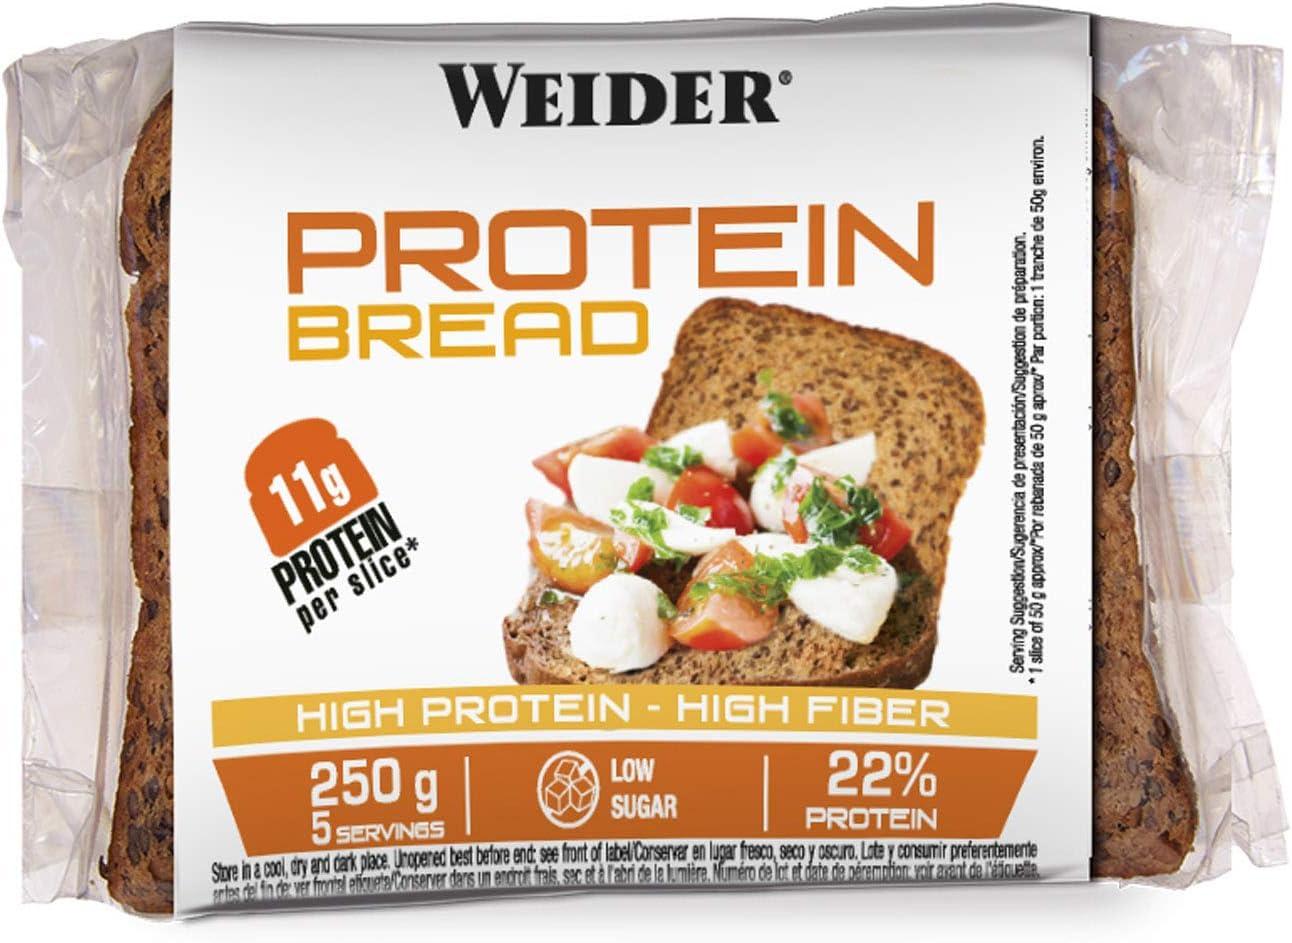 Weider Pan Proteico riquísimo con 11g de proteína. Con mucha fibra y bajo en azúcares (5x250 g): Amazon.es: Salud y cuidado personal